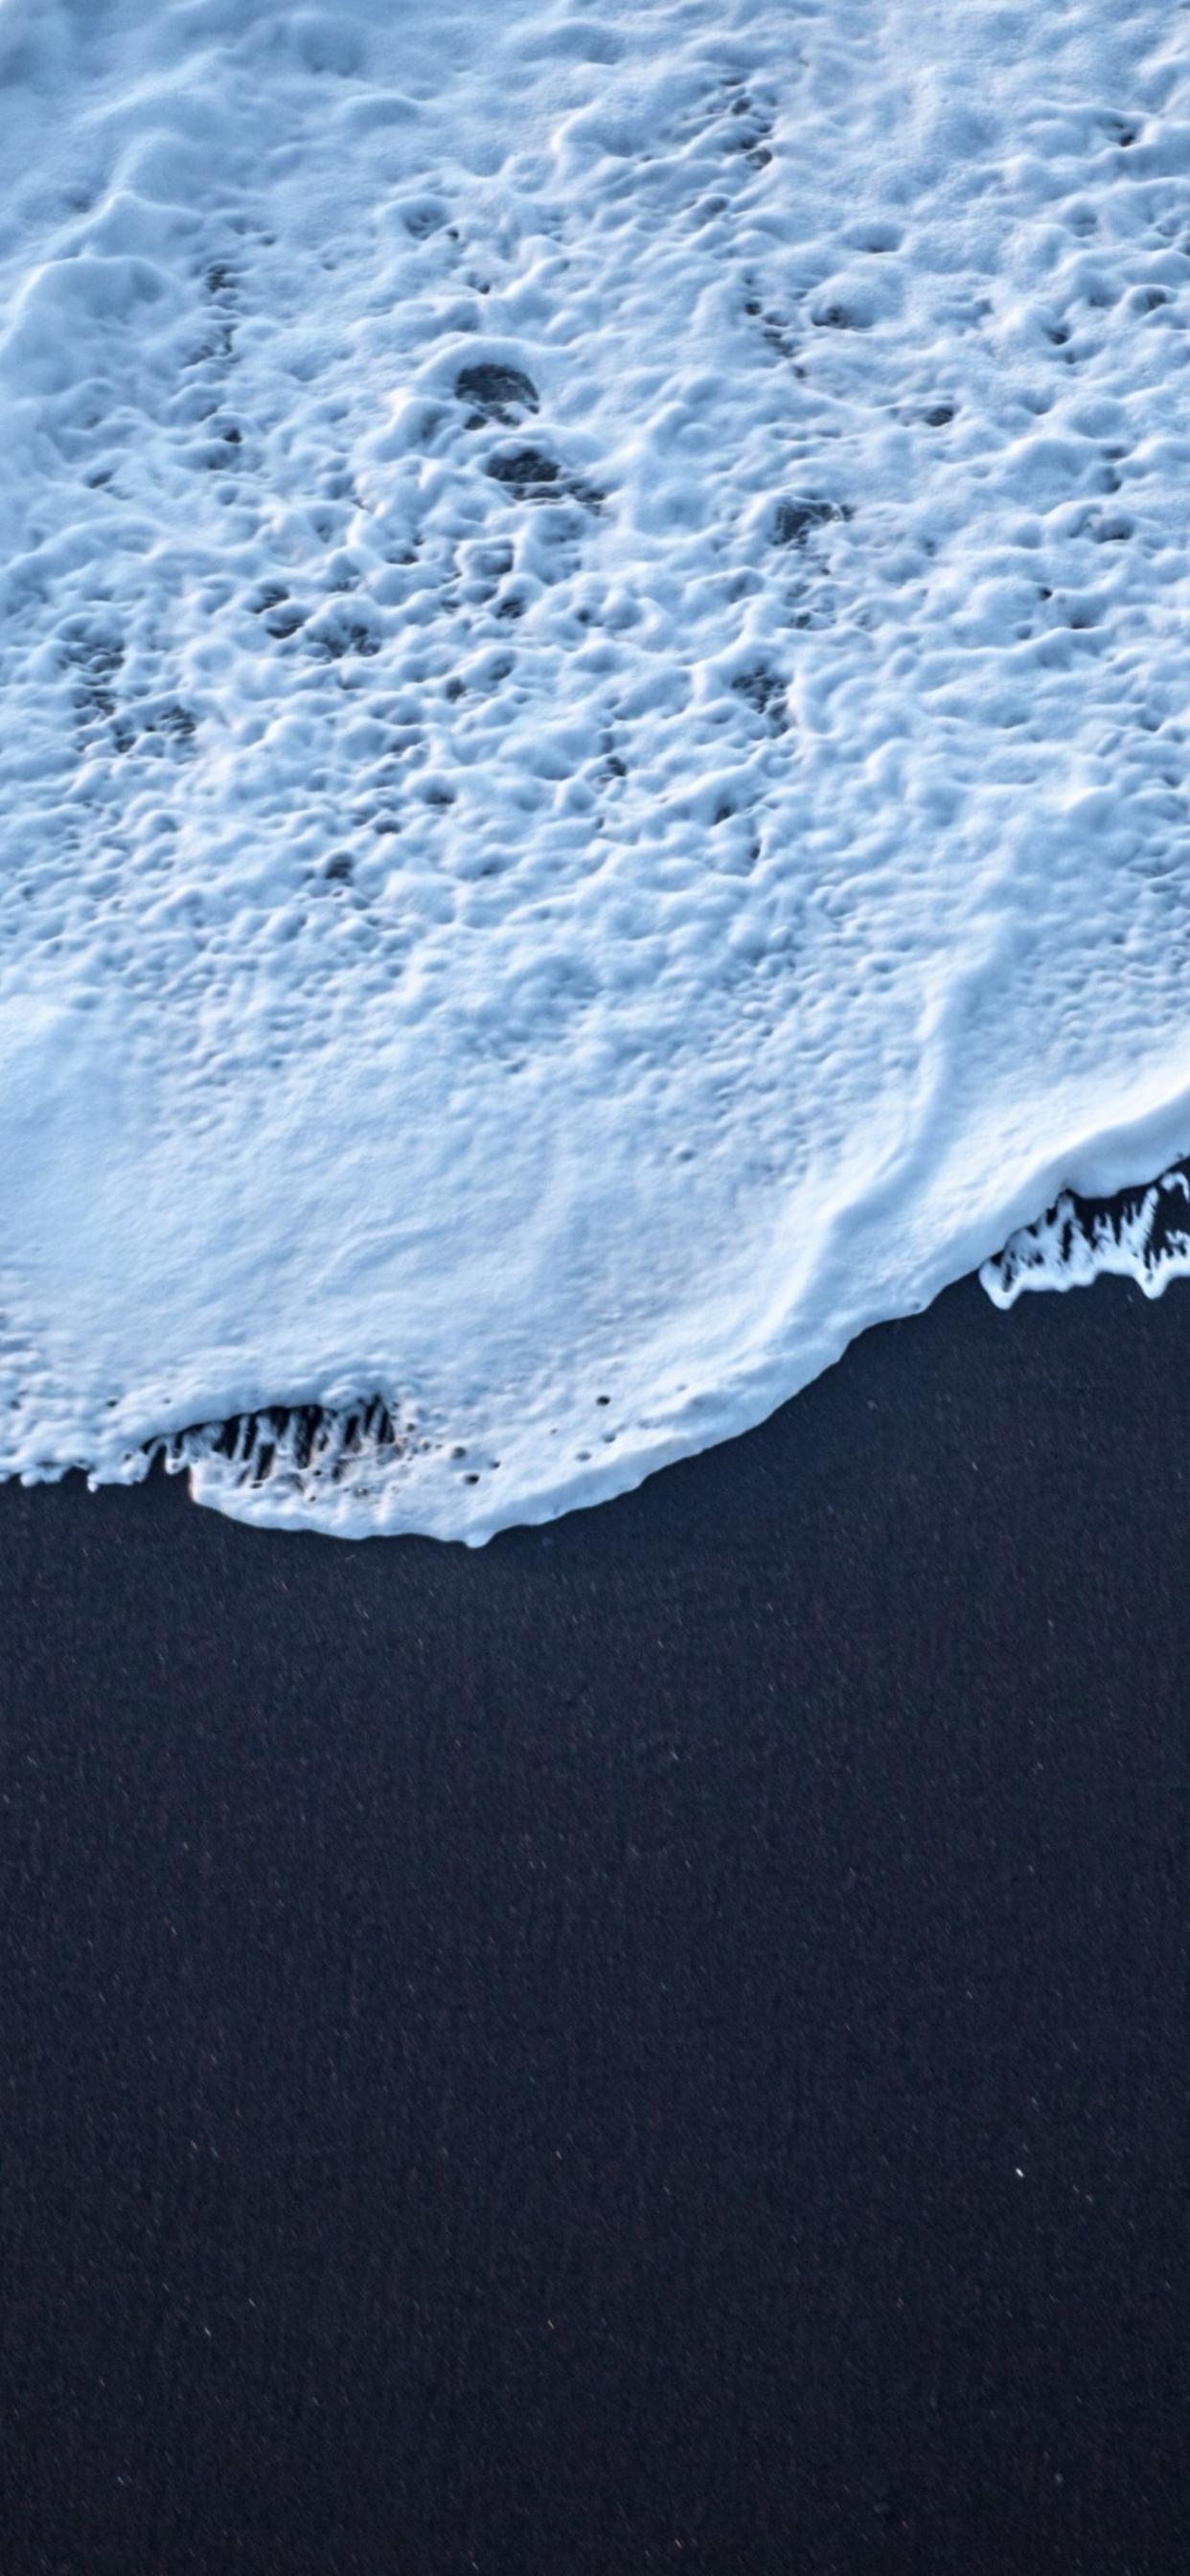 1242x2688 Sea Foam Black Sand 4k Iphone Xs Max Hd 4k